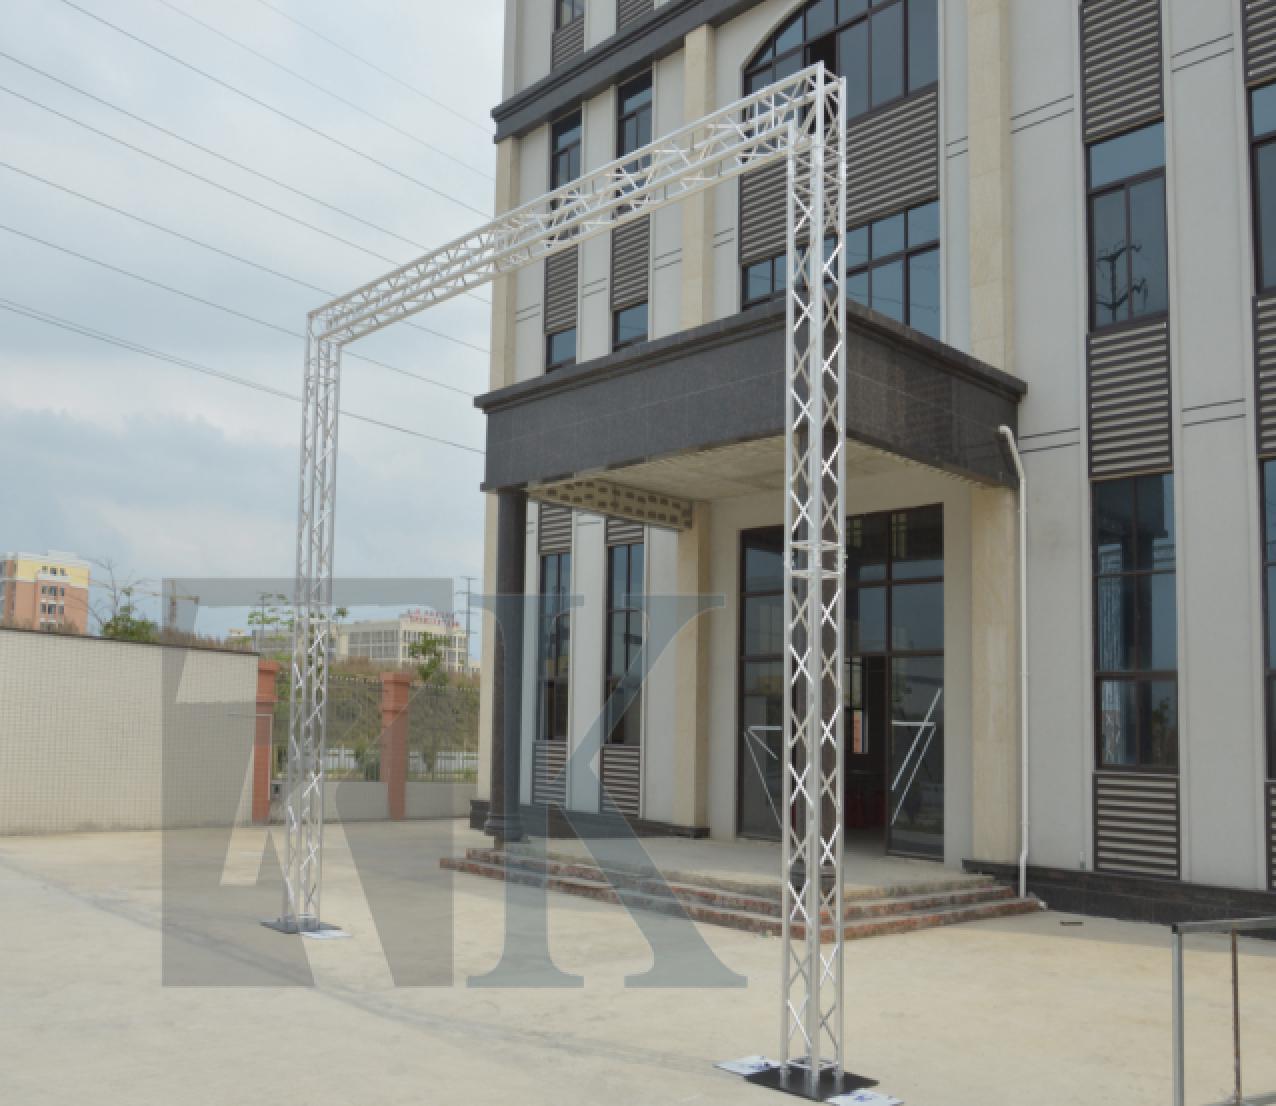 RK雷克厂家 铝合金桁架 龙门架 坚固耐用可订制 展览演出搭建